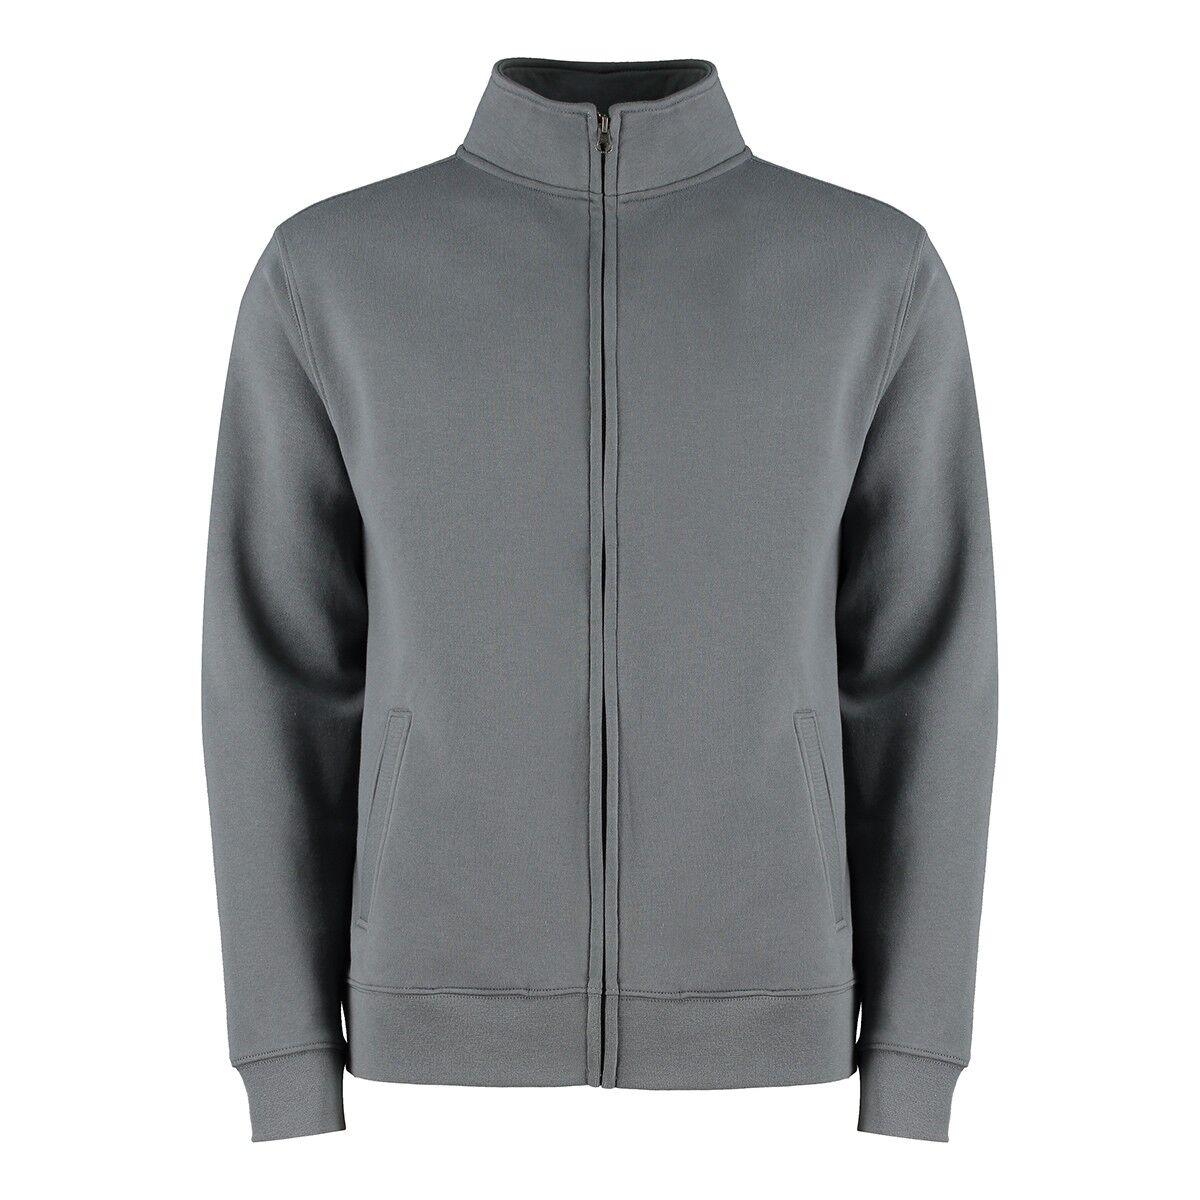 Cadet Zip-Up Sweat in Dark Grey